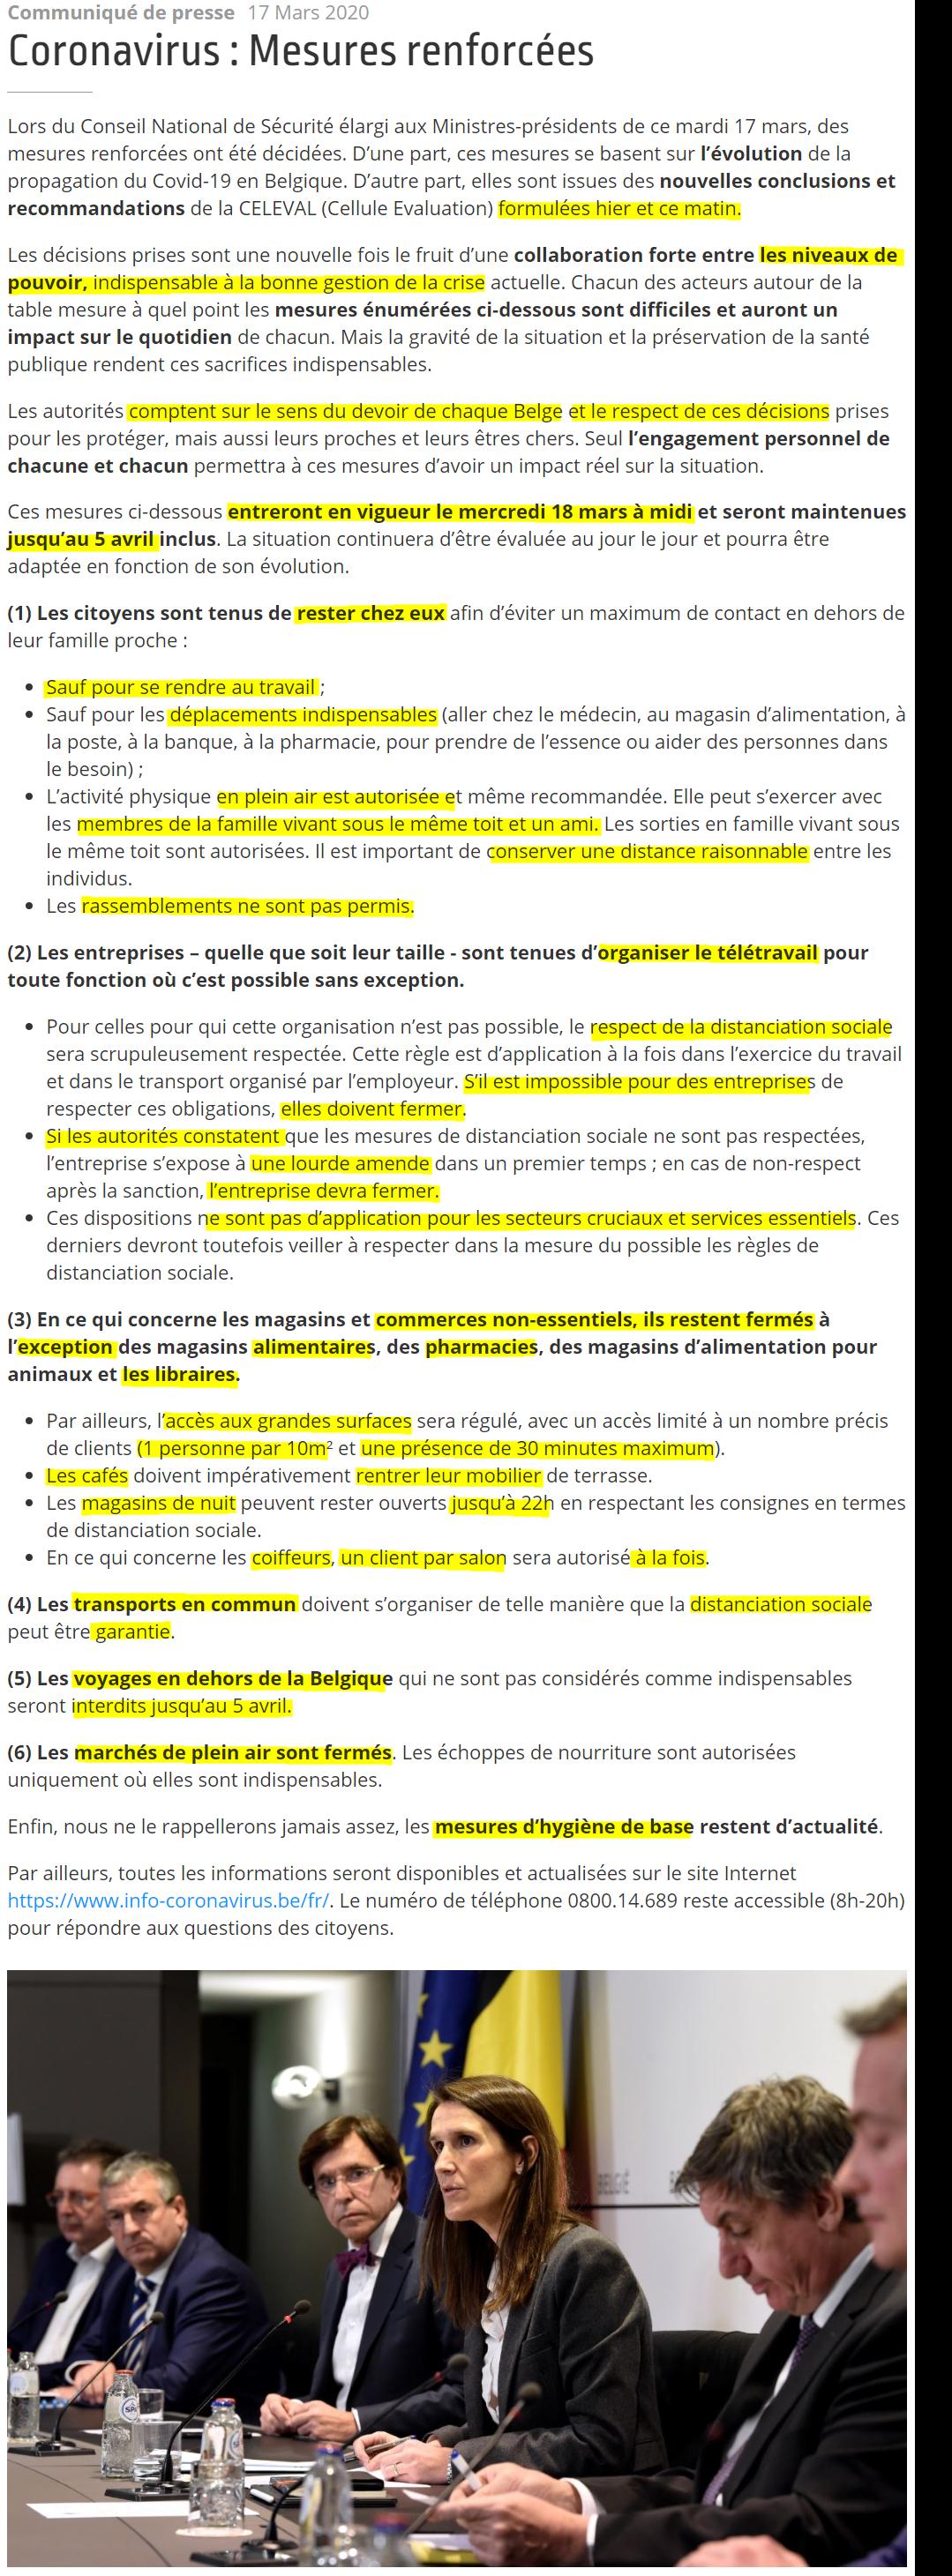 Mesures renforcées en Belgique - 18 Mars